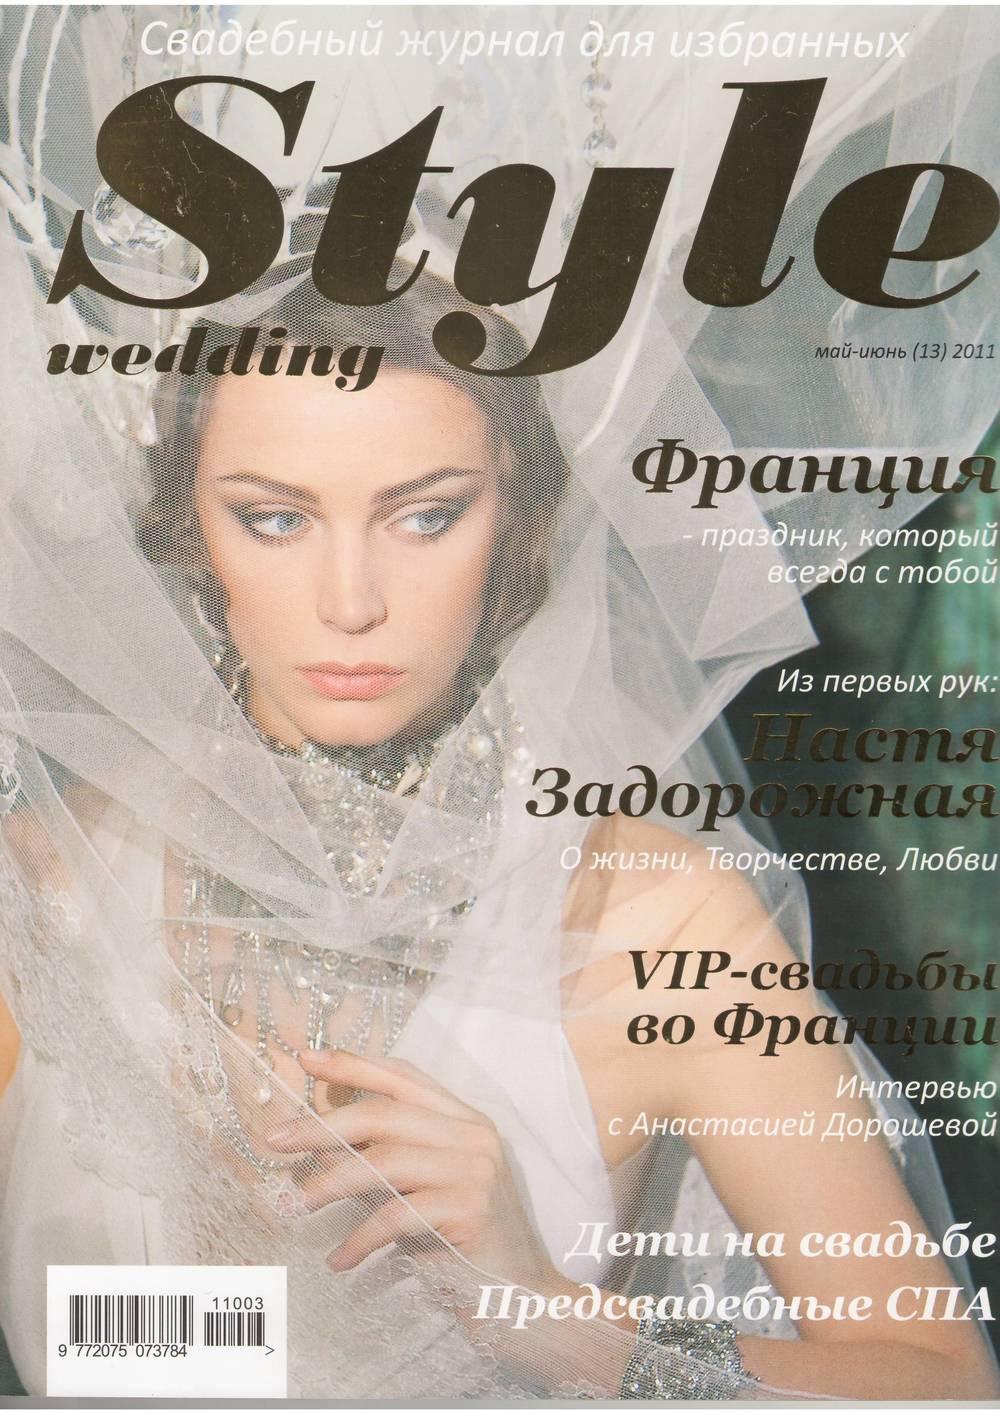 style wedding обложка.JPG